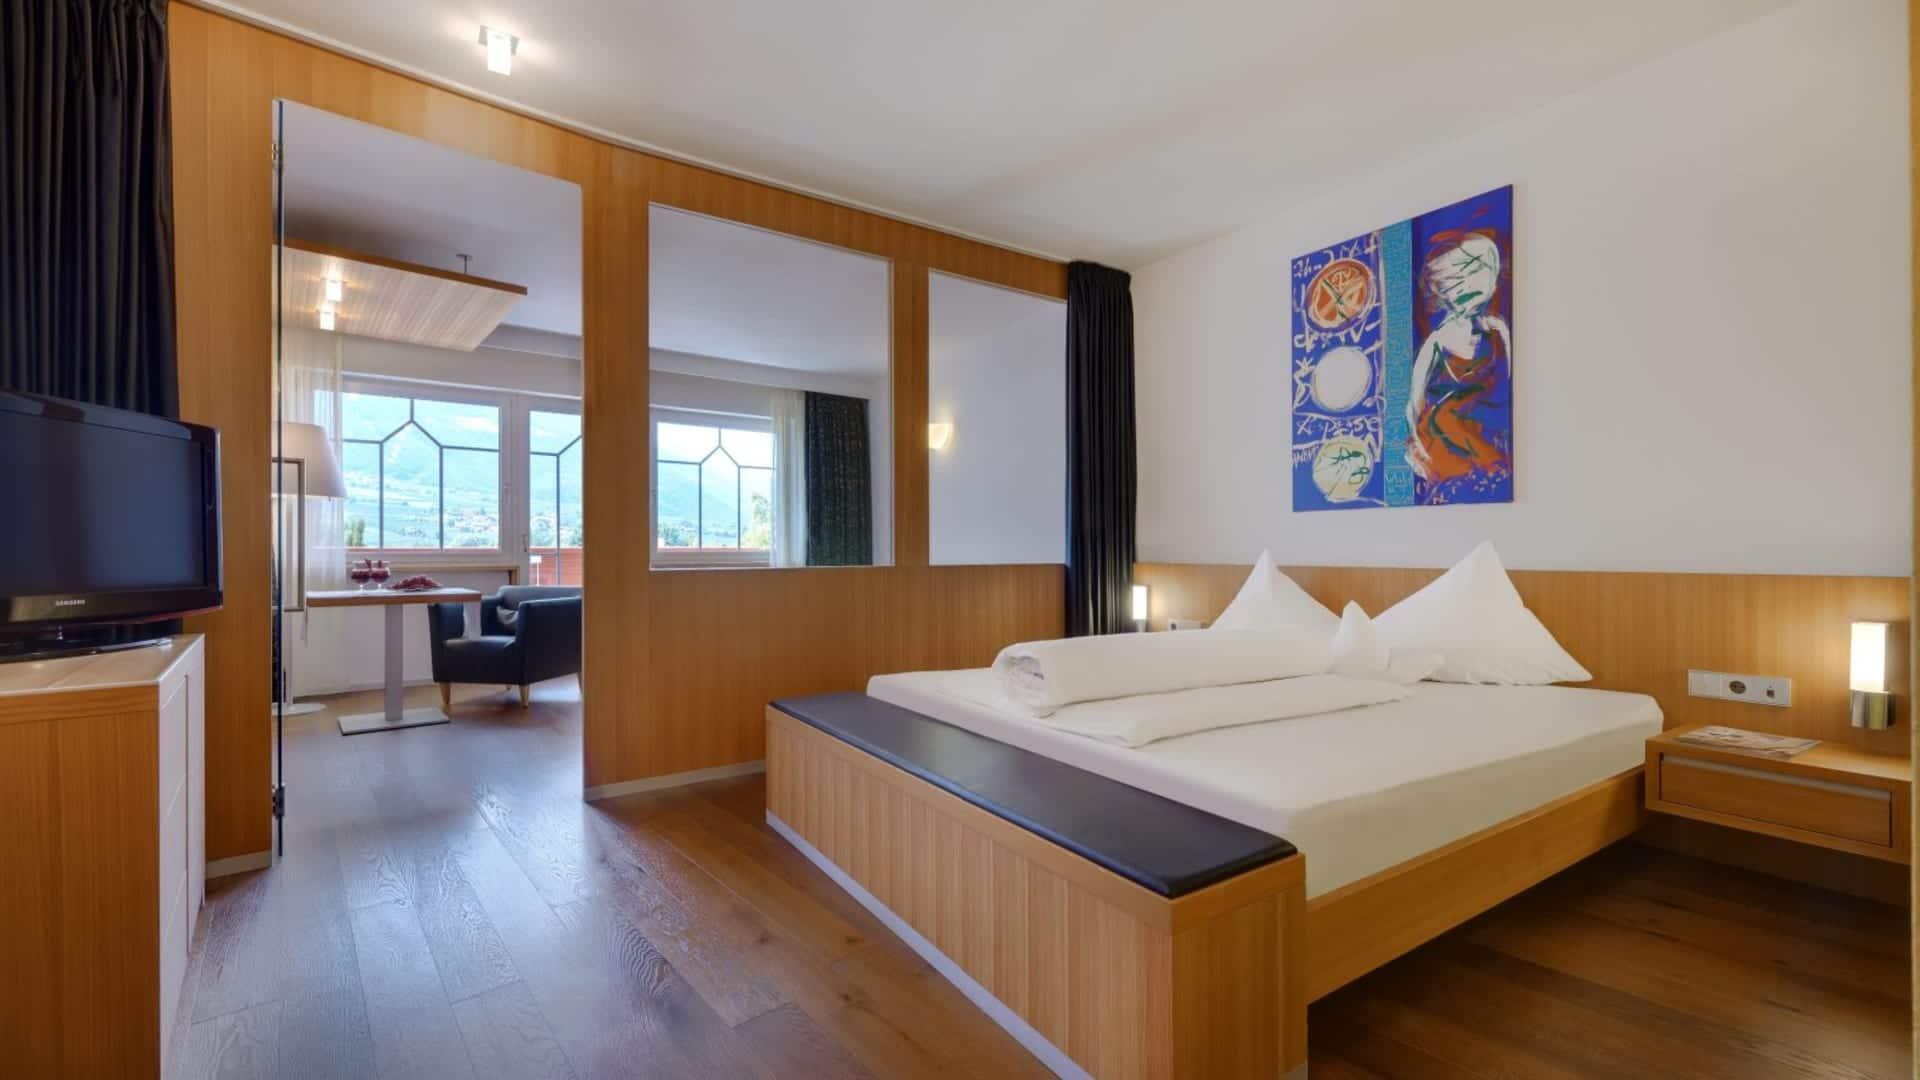 Loggia Suite im Lindenhof